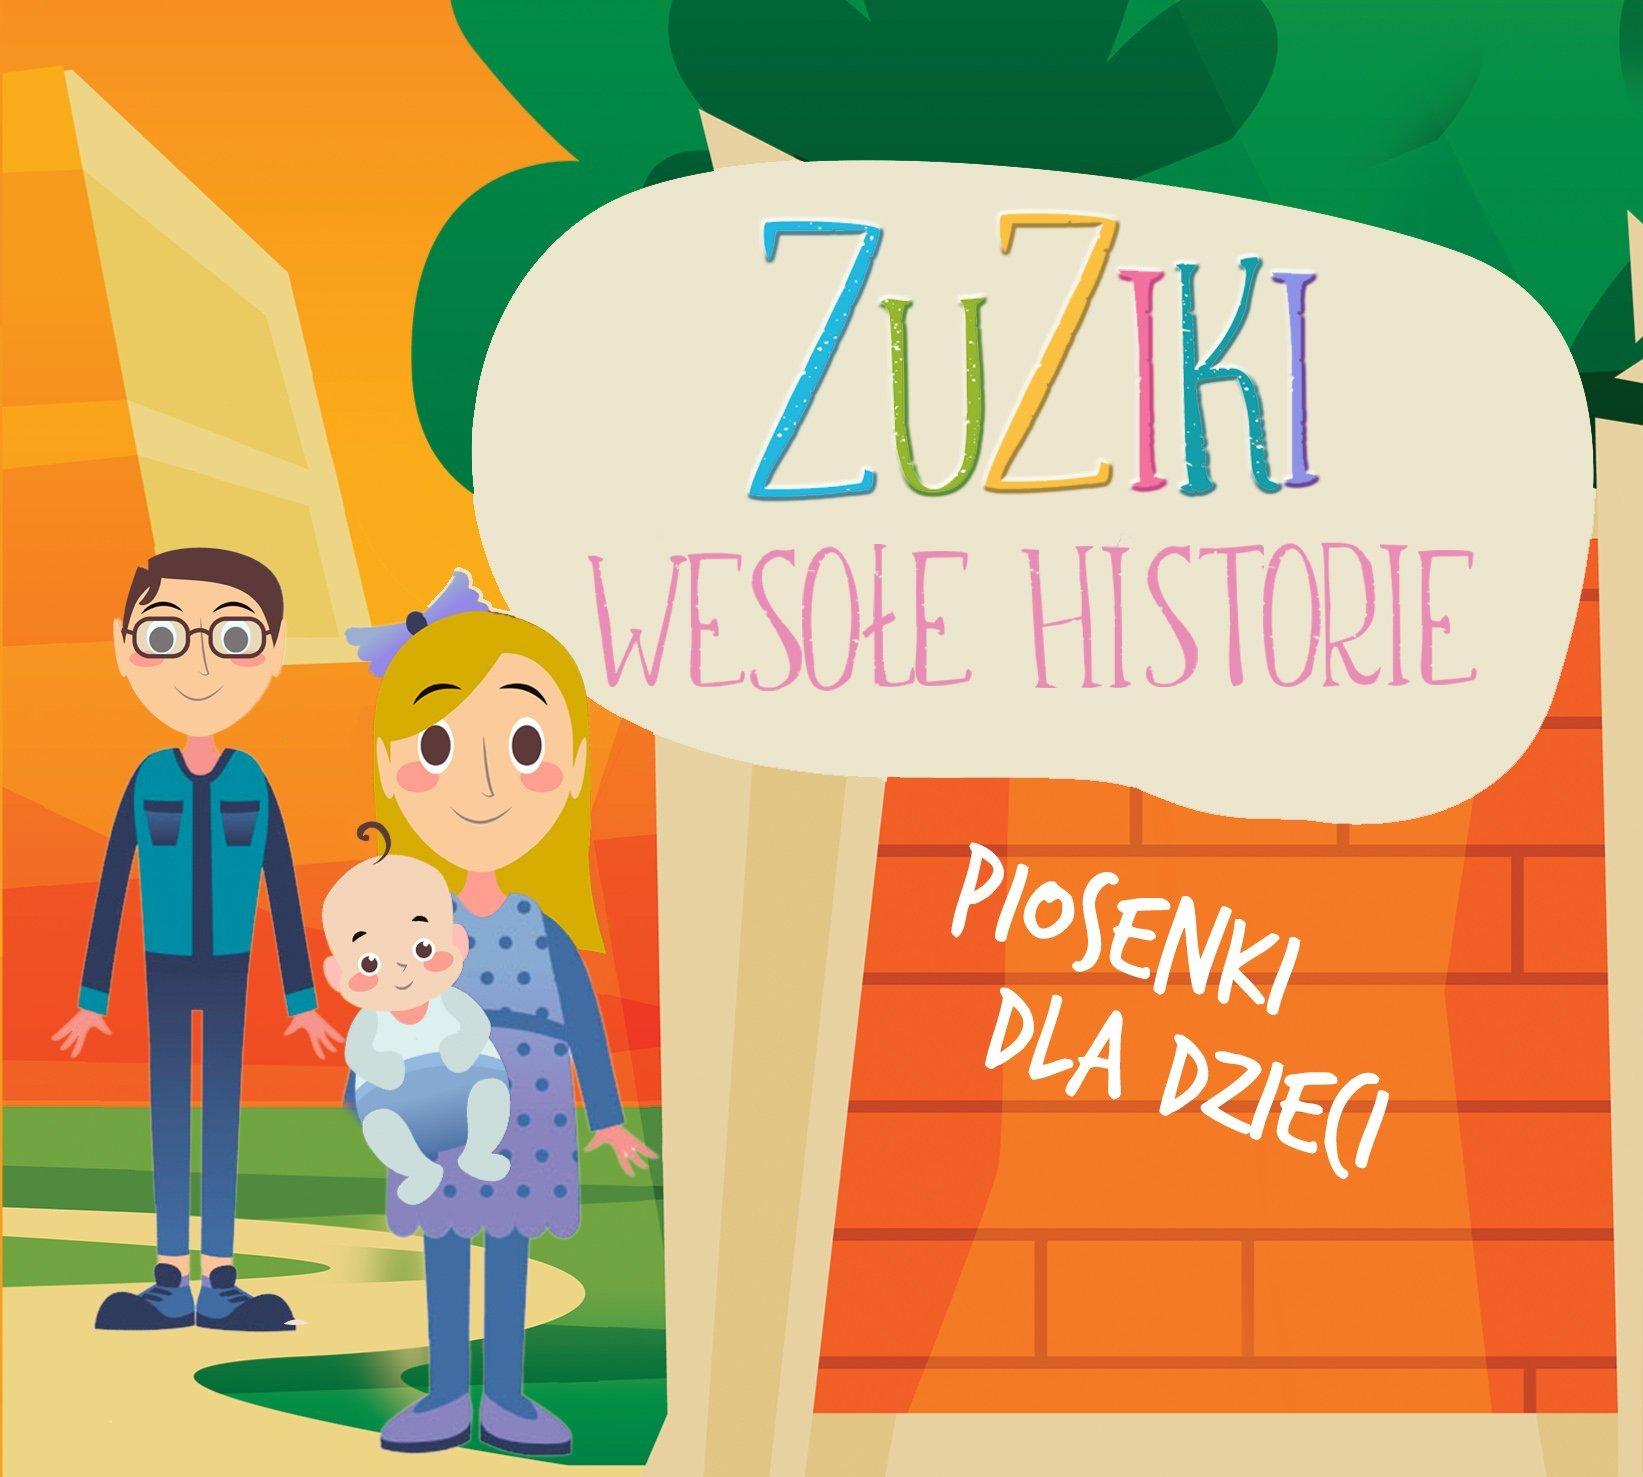 Wesołe Historie - debiutancka płyta Zuzików